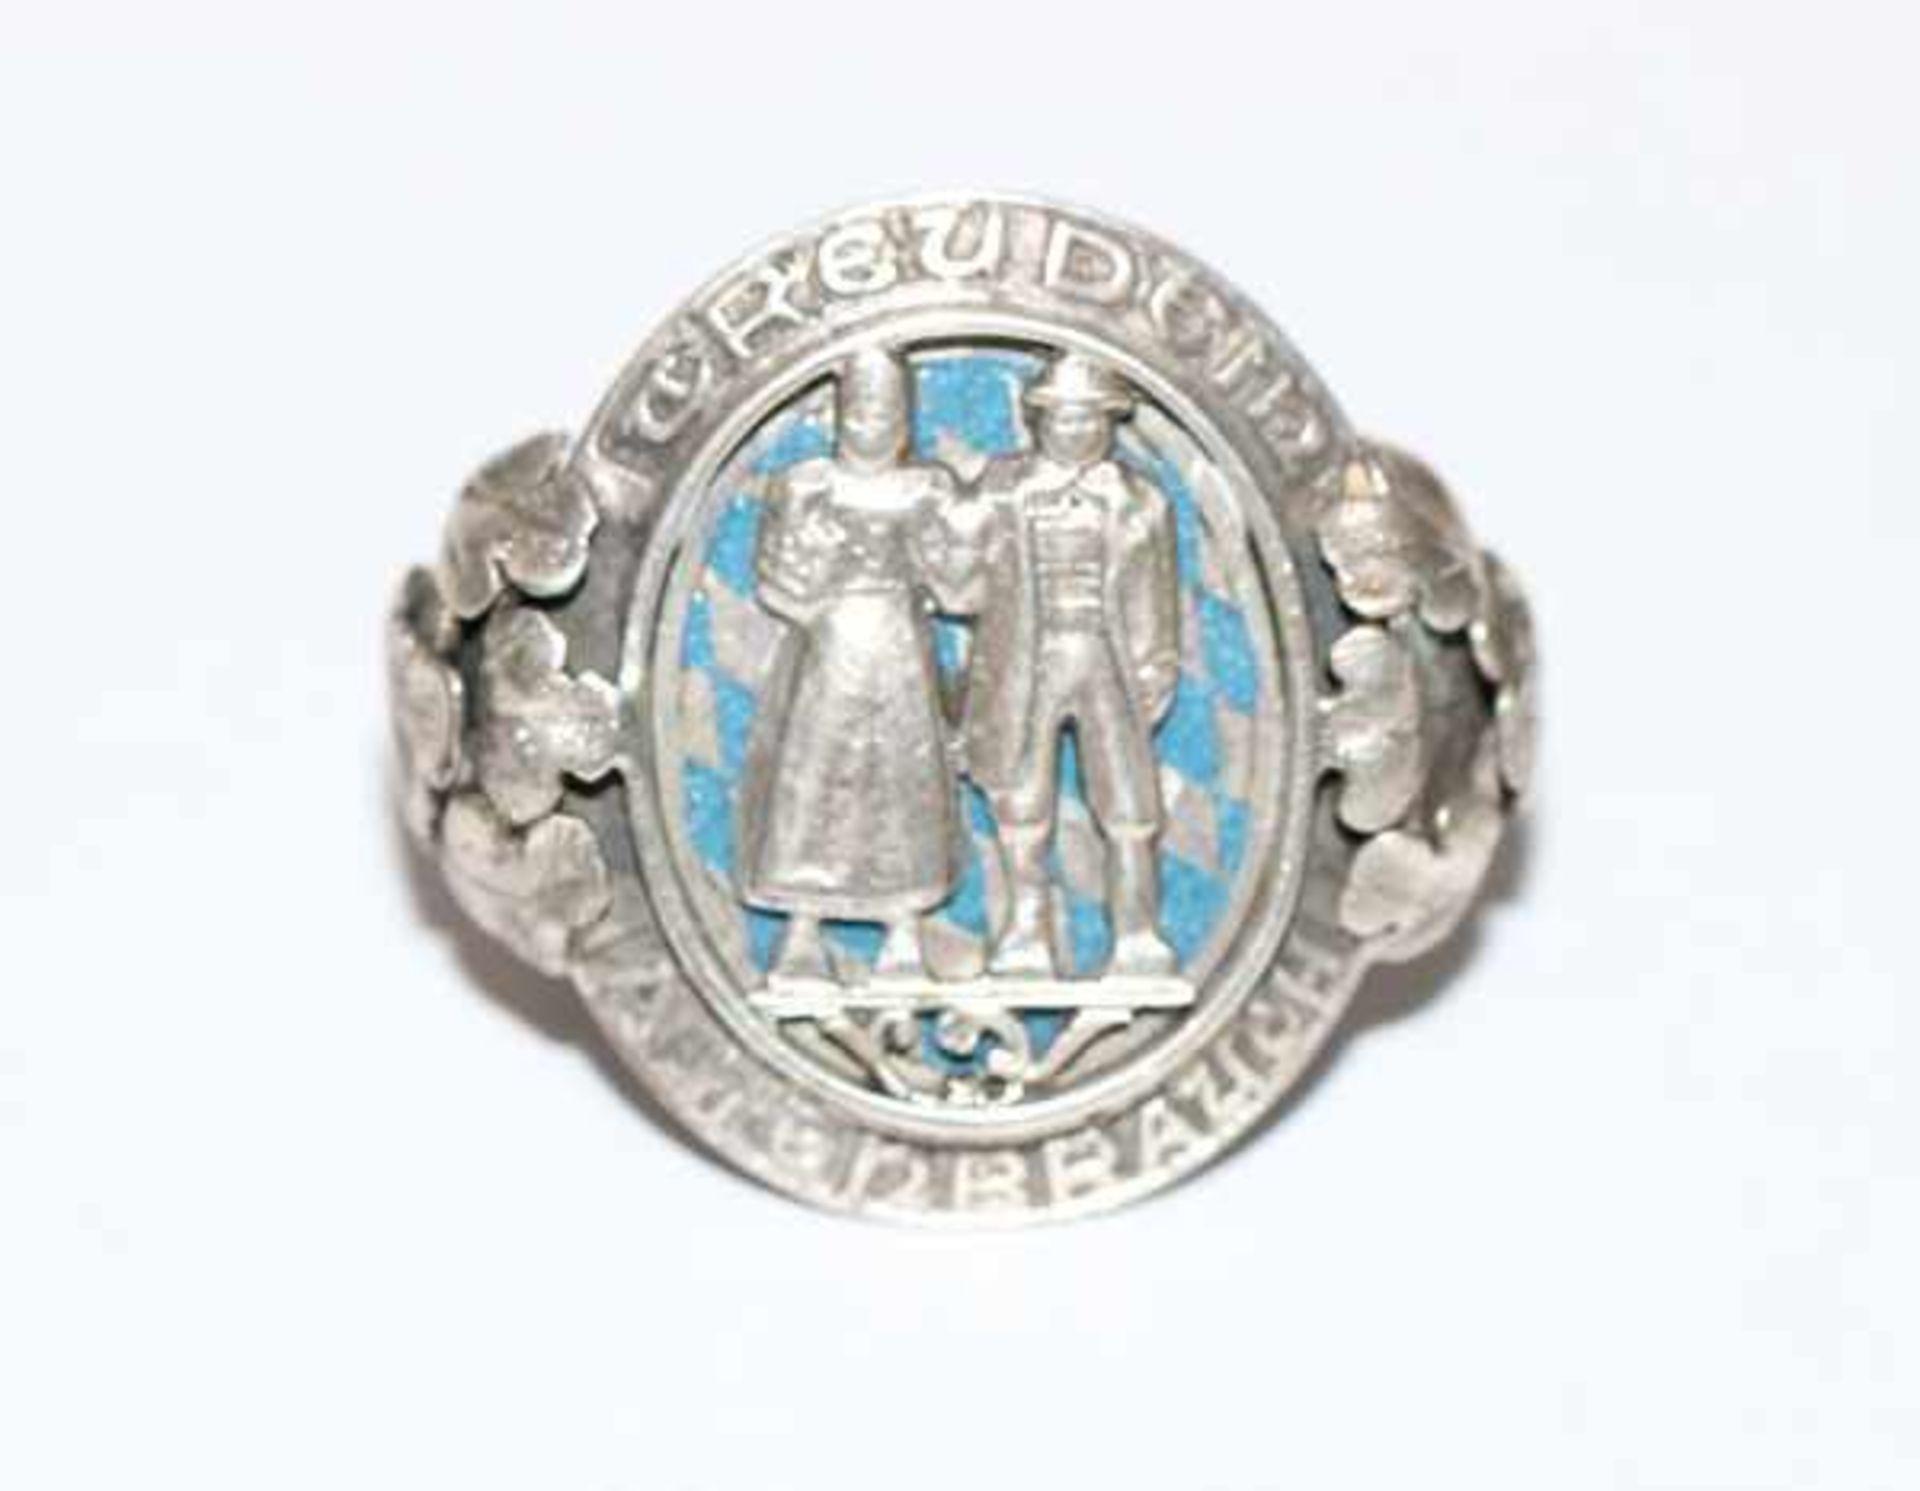 Los 18 - Silber Tuchring mit reliefiertem Trachtenpaar und 'Treu dem alten Brauch', Ringschiene verziert